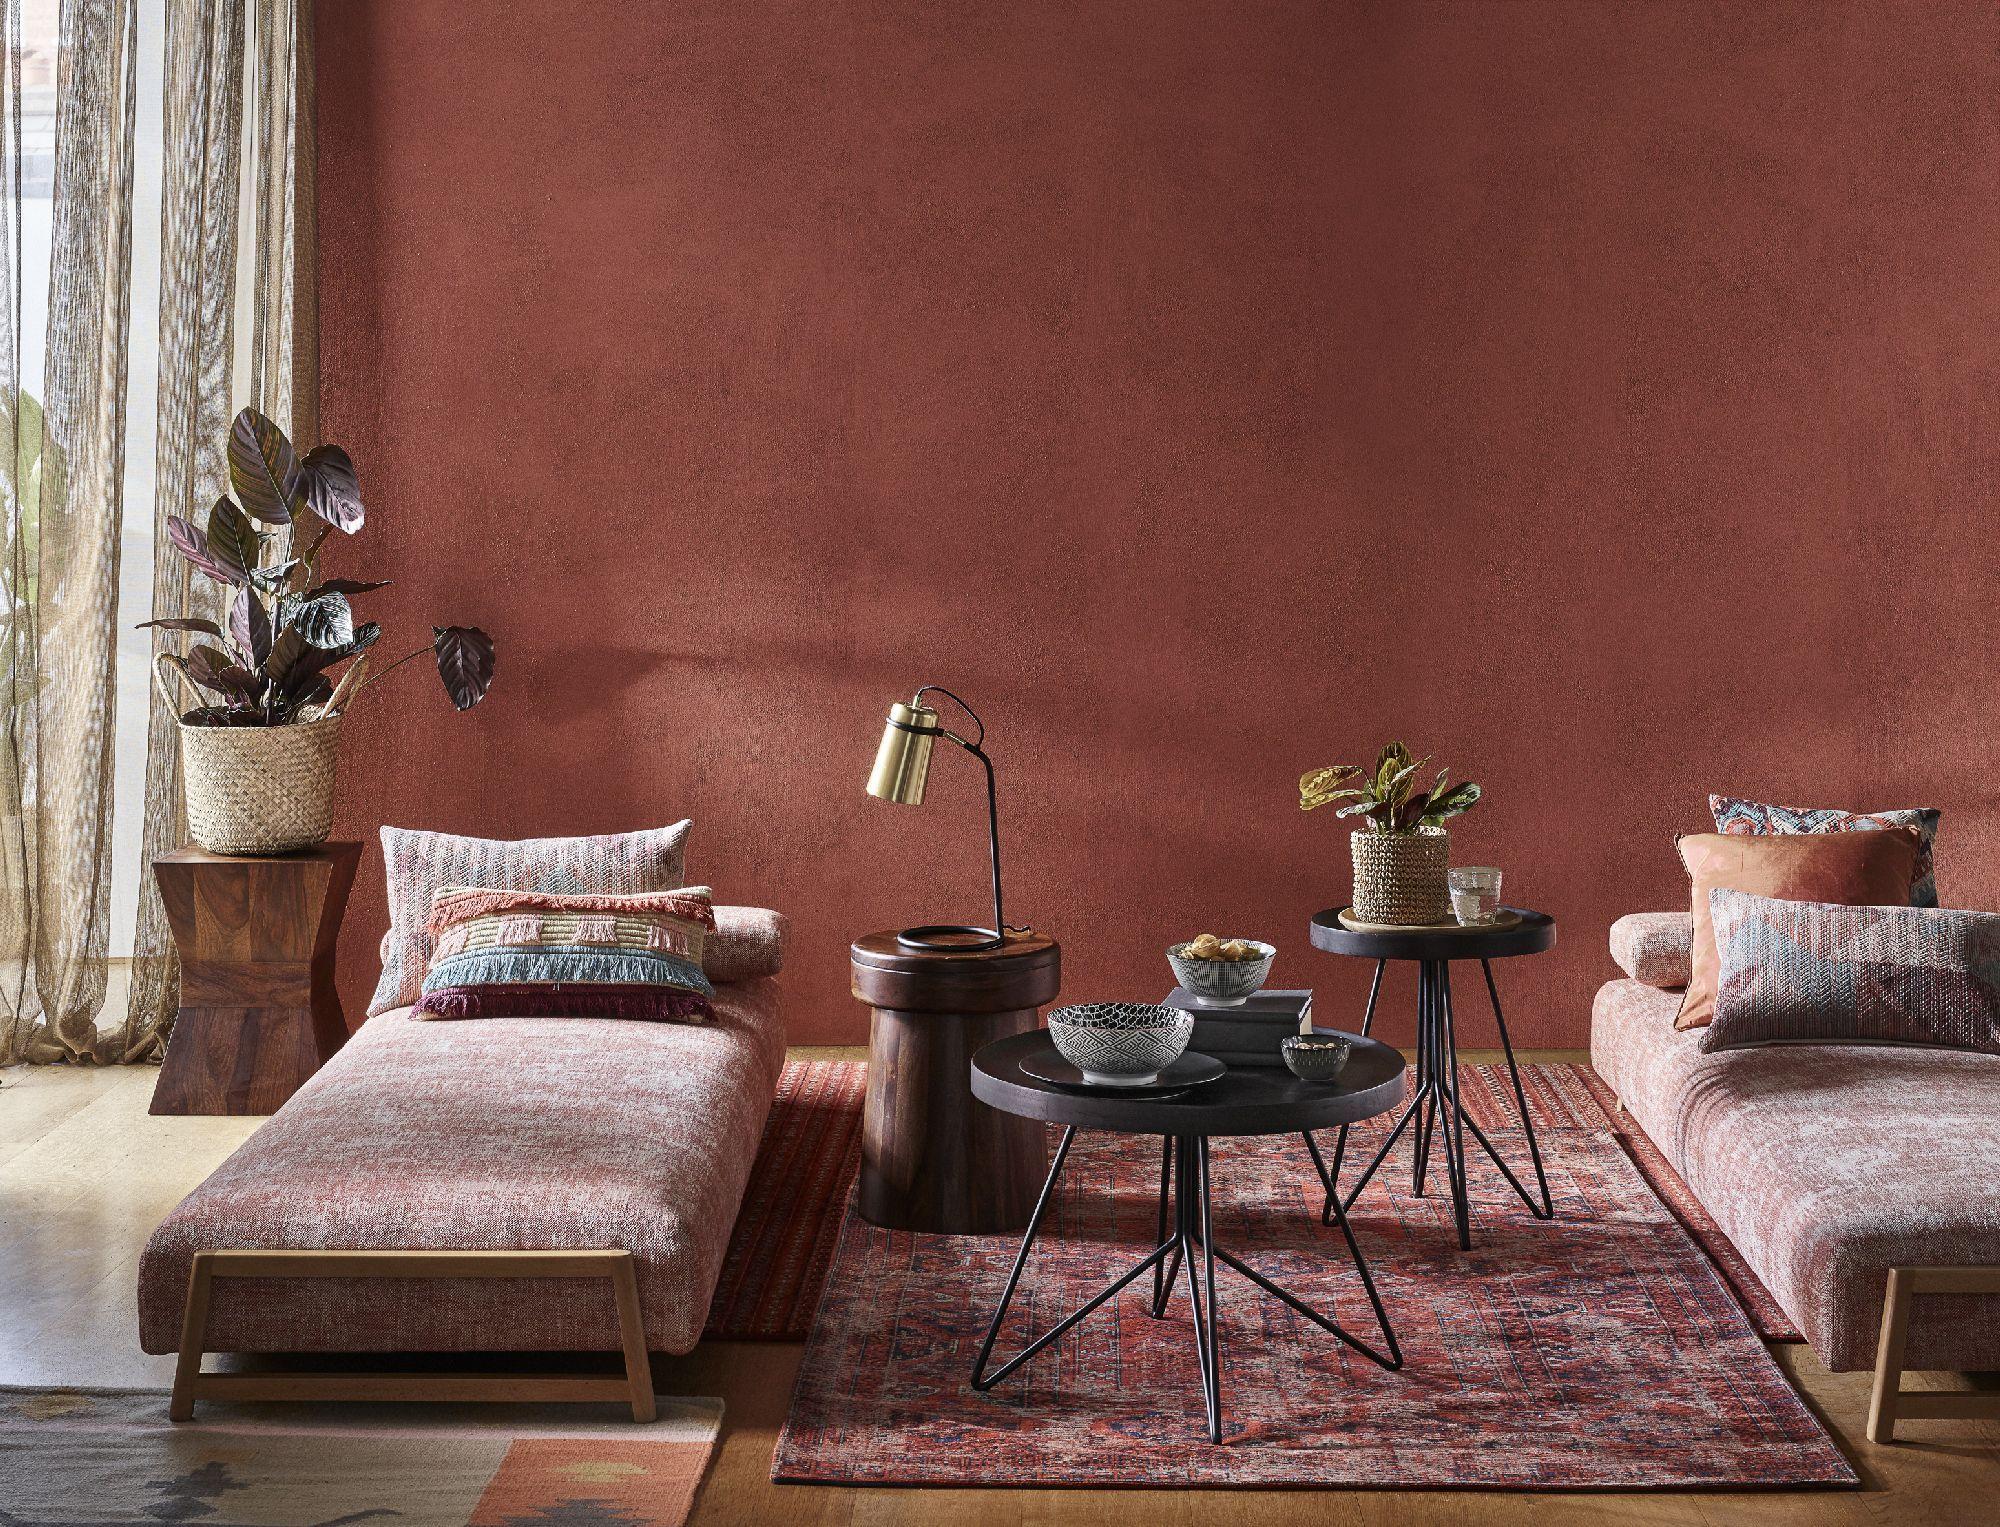 Sofa beds just got reinvented this genius John Lewis sofa